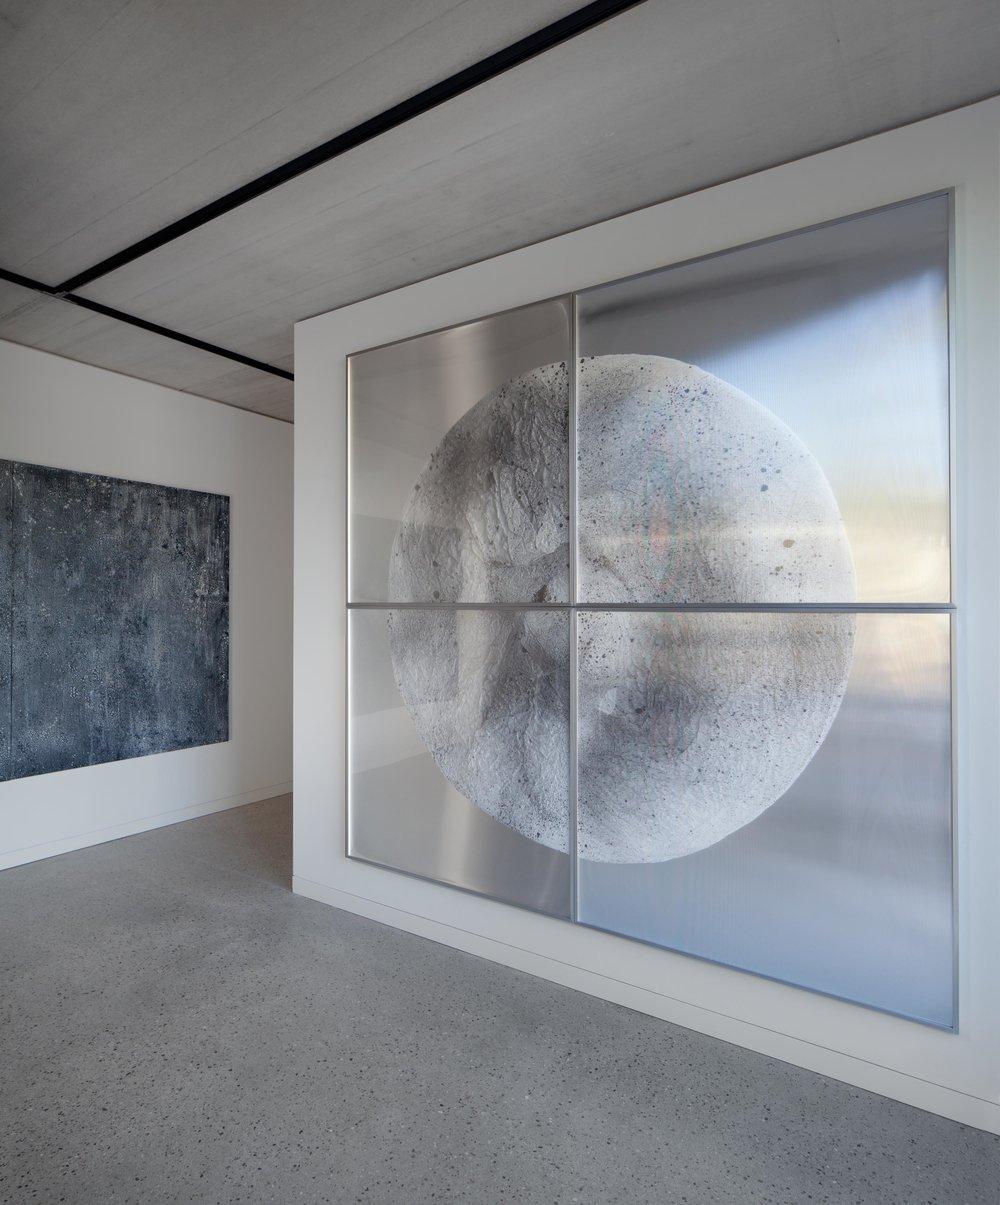 Verklärte Nacht / Part V (Quadriptych),  2018 - Installation view Ink on Xuan paper on mirror beneath linear Plexiglas, aluminium frame 240 x 240 cm (95 x 95 in)